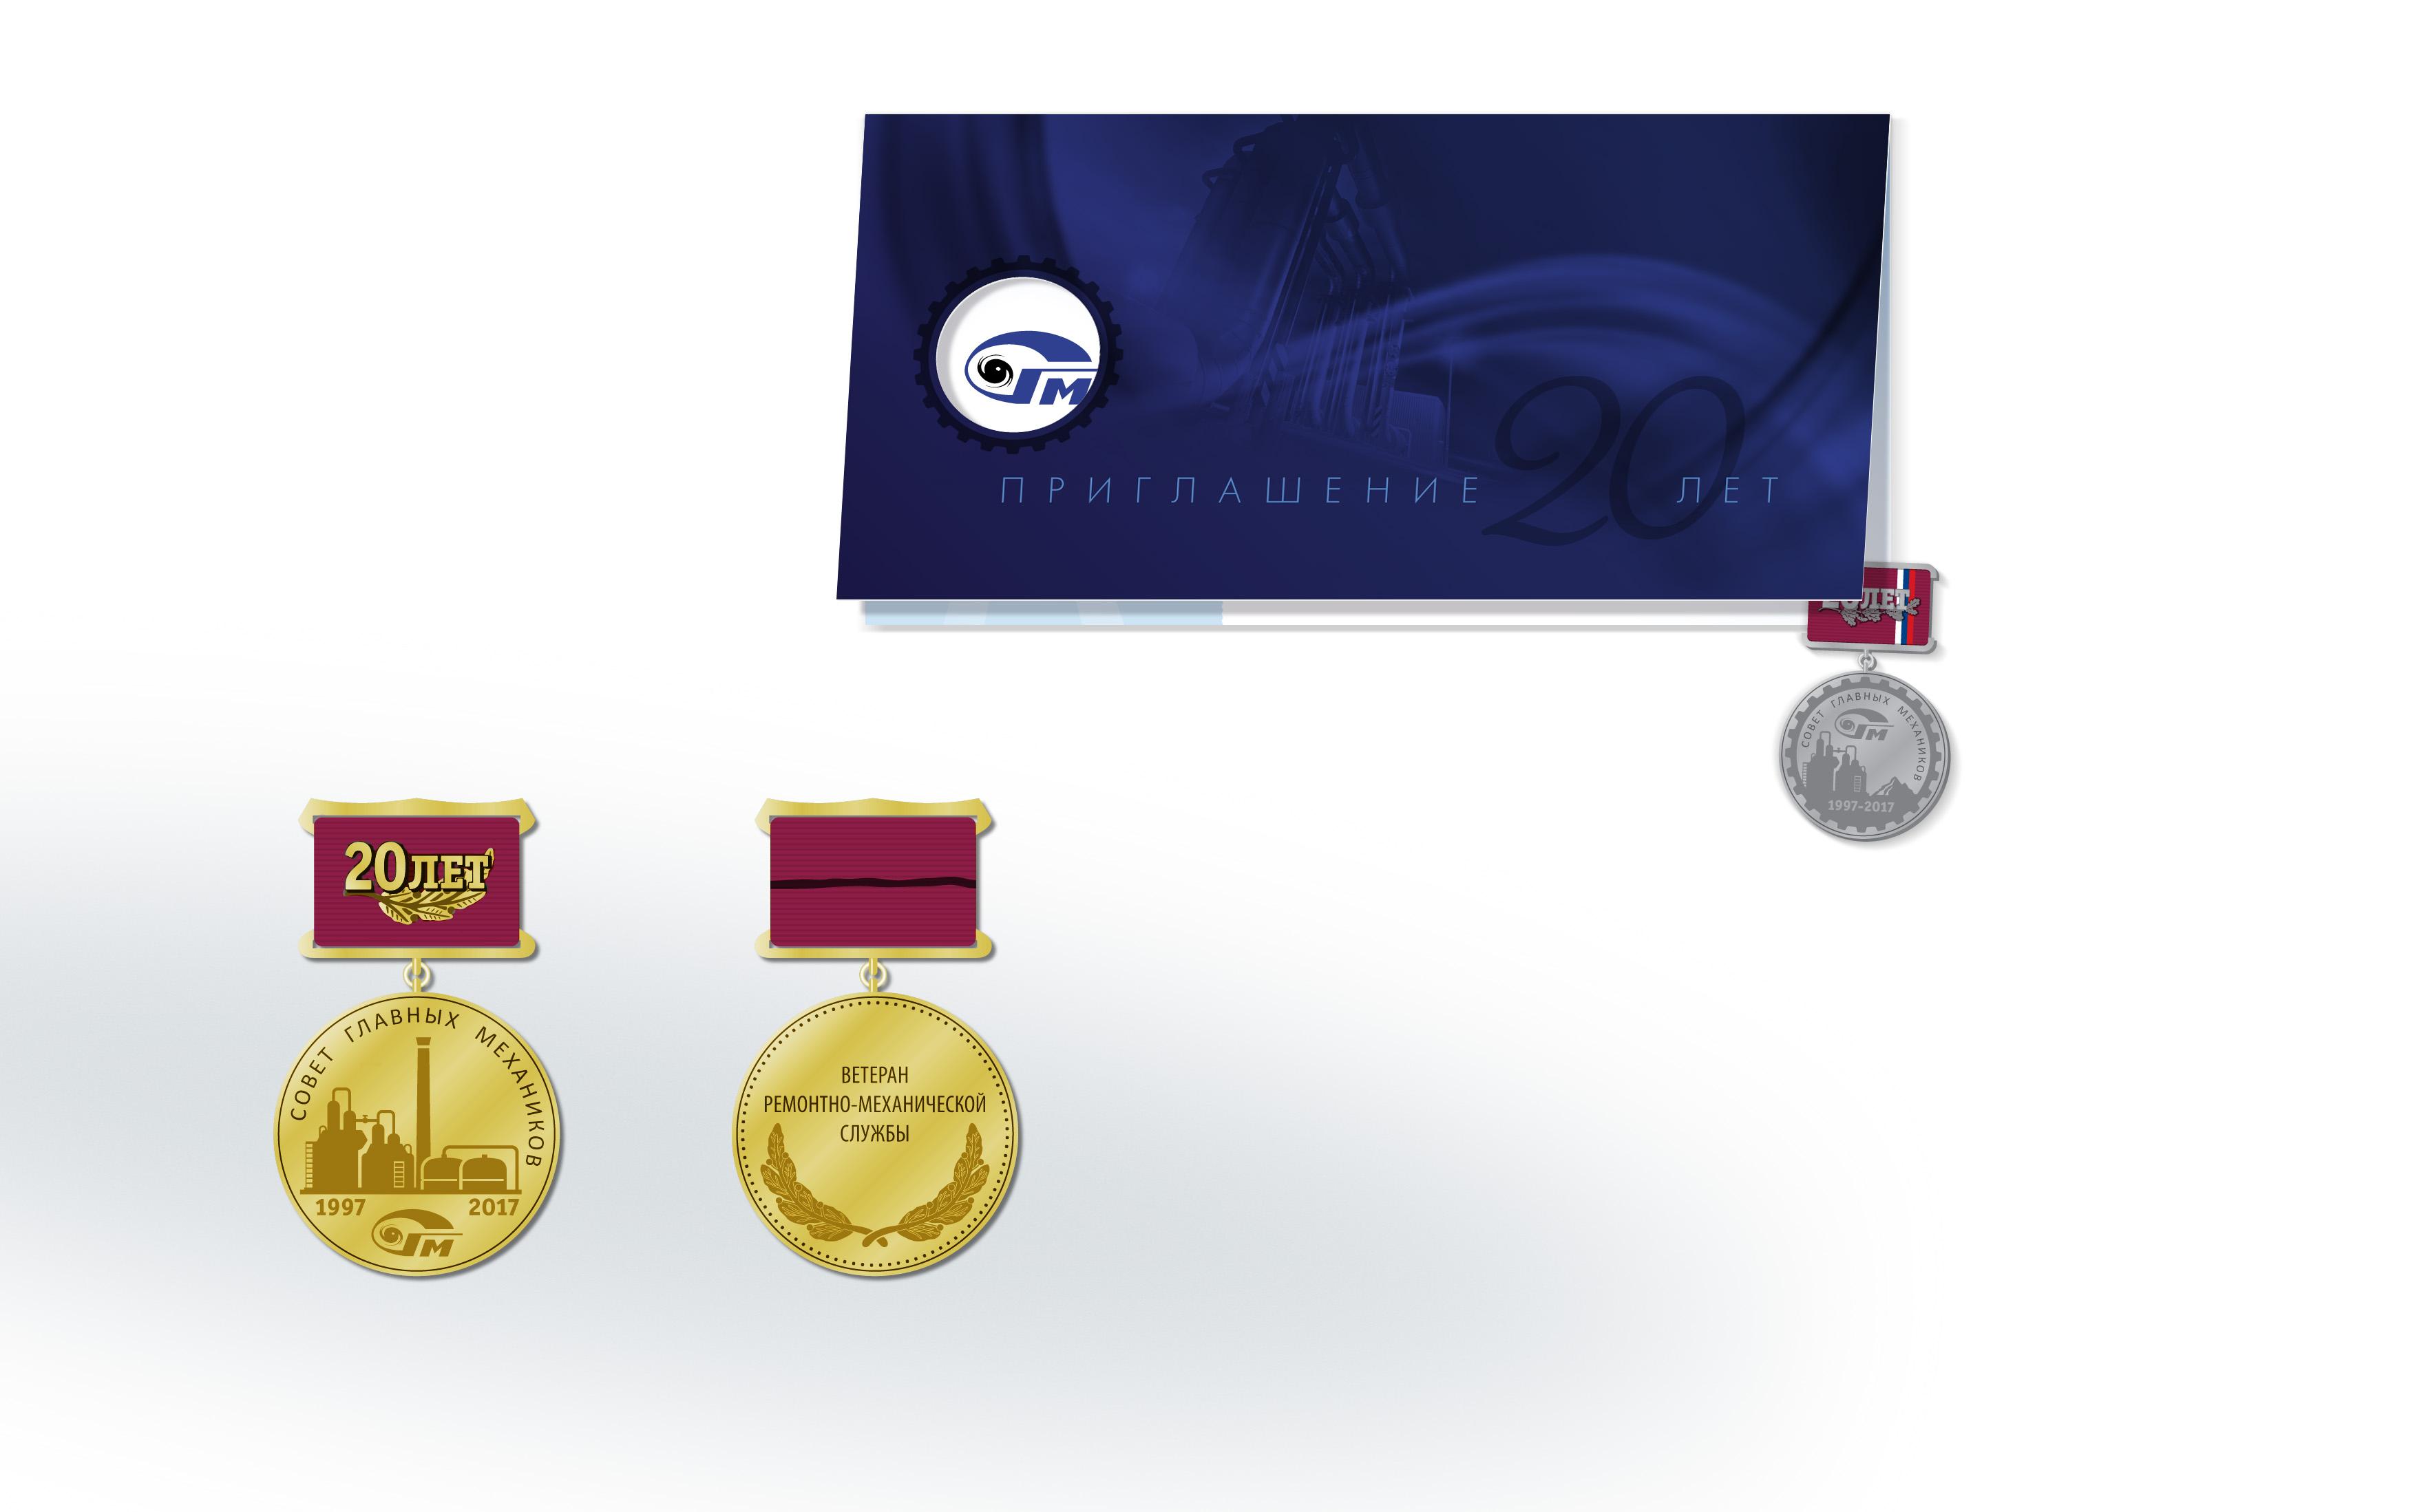 """Дизайн приглашений и памятных медалей к юбилею фирмы """"СГМ"""""""